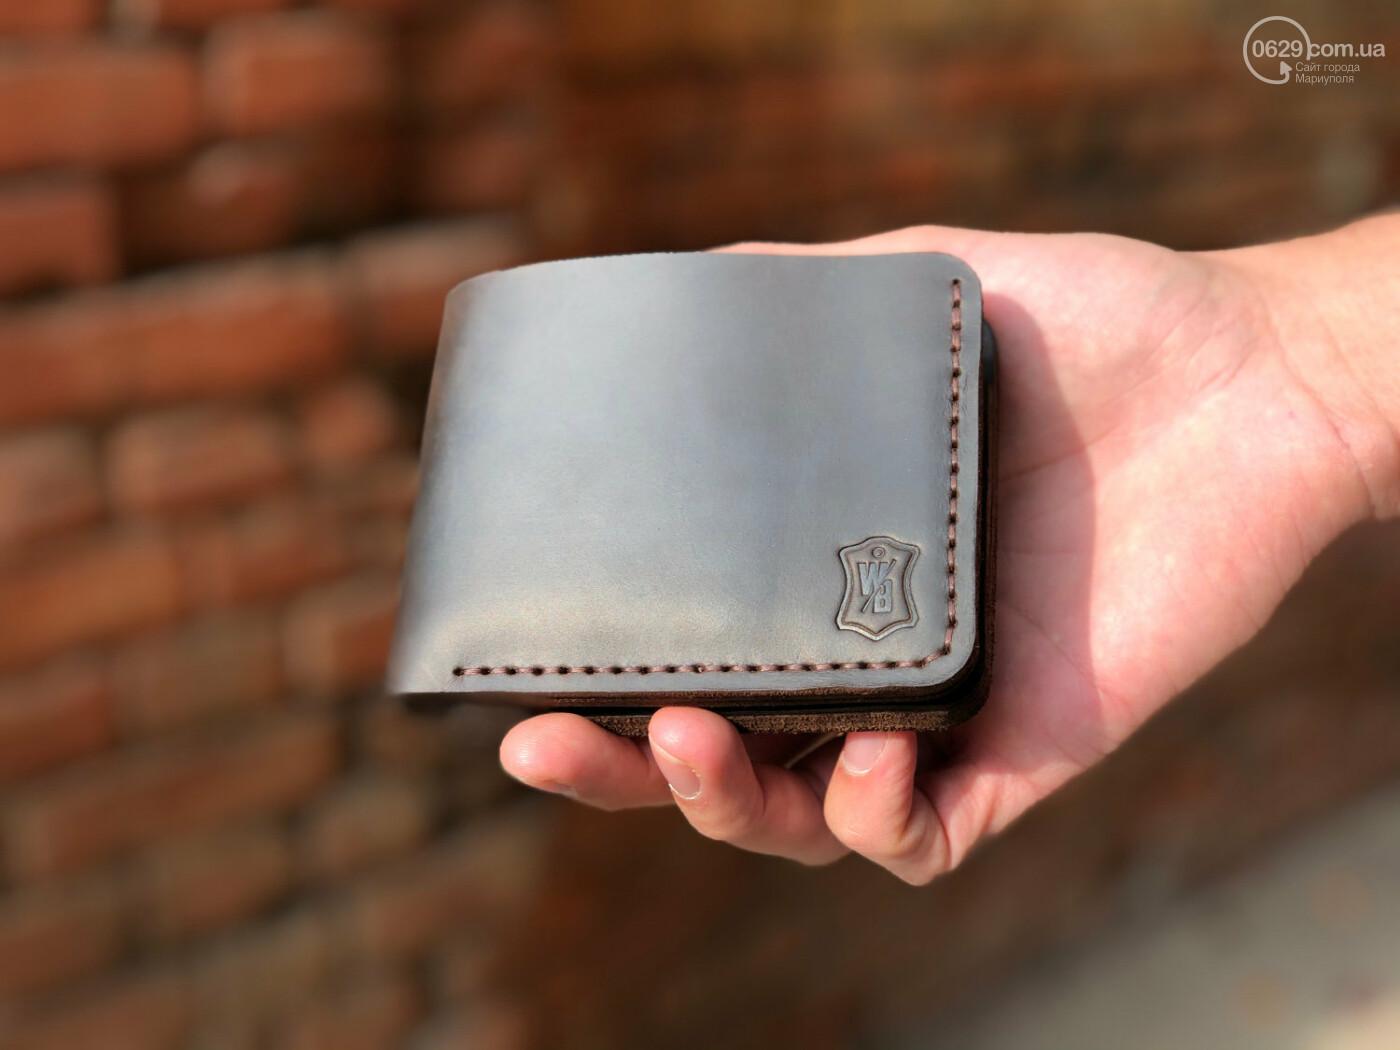 Стильное мужское портмоне для мужчин, которые любят качественные изделия из кожи, фото-1